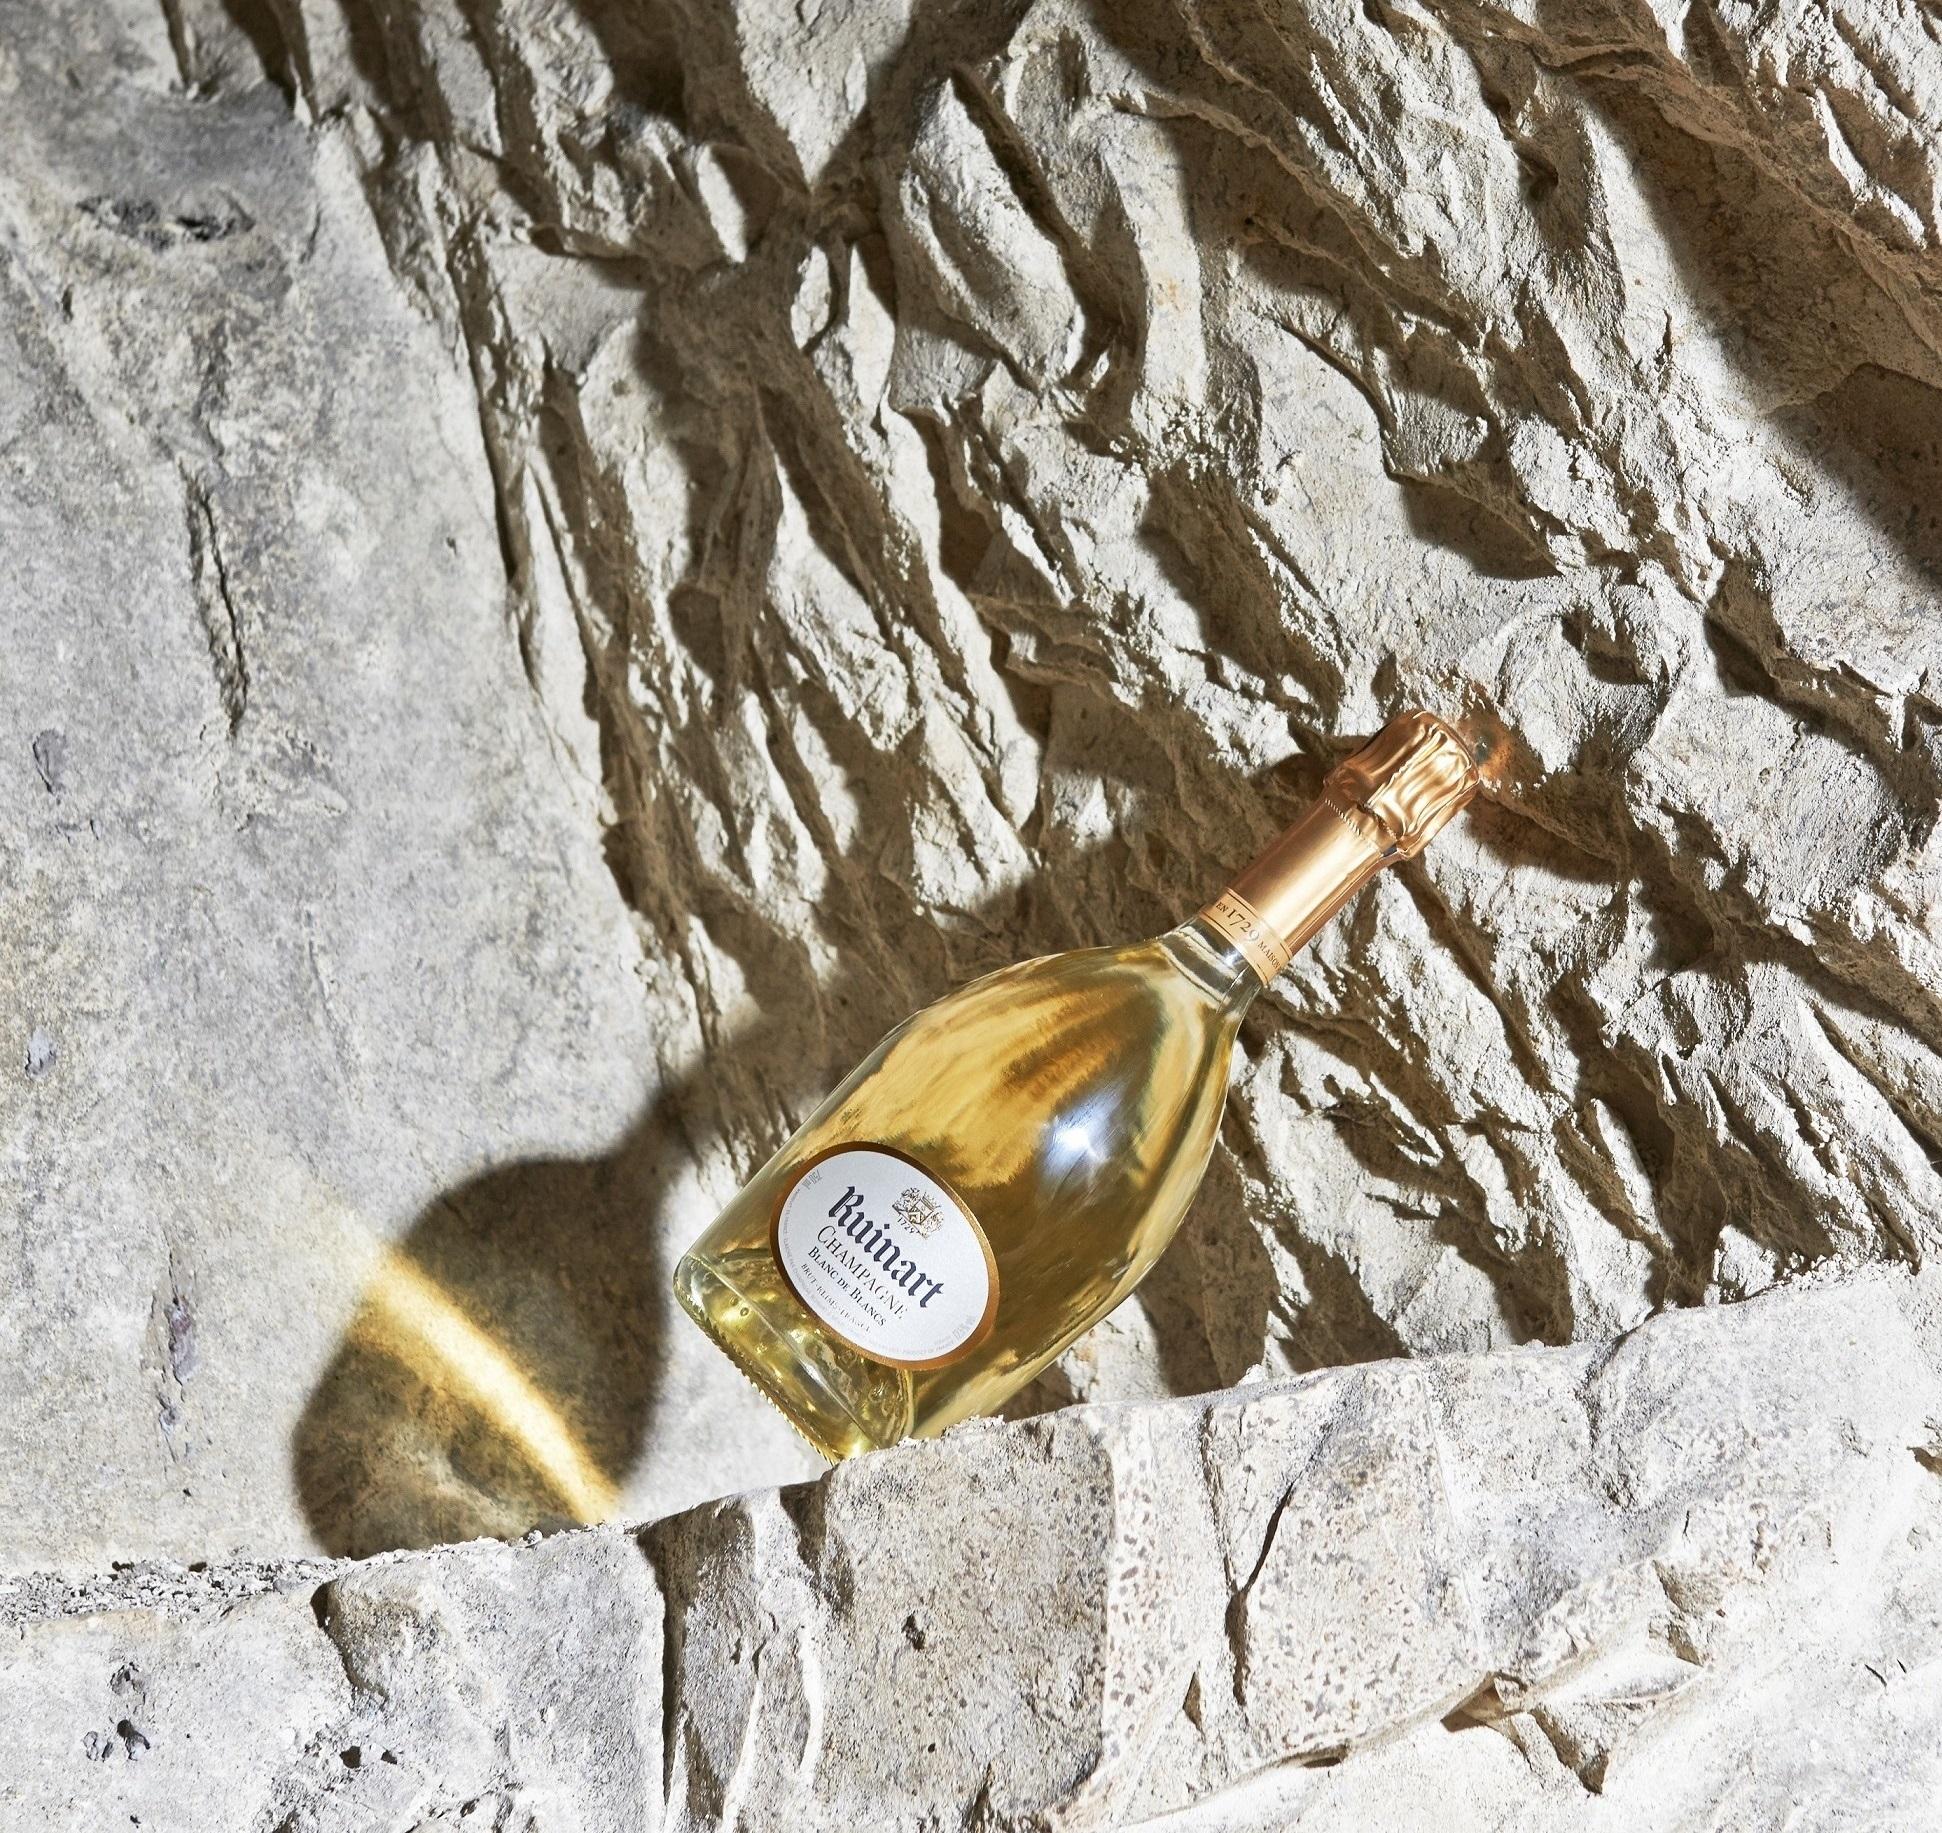 世界最古のシャンパーニュメゾン「ルイナール」。熟成はガリアローマ時代から在続する「クレイエル」(古代の白亜質の石切り場跡)のセラーで行われる。ボトルの曲線にも古格が感じられる。